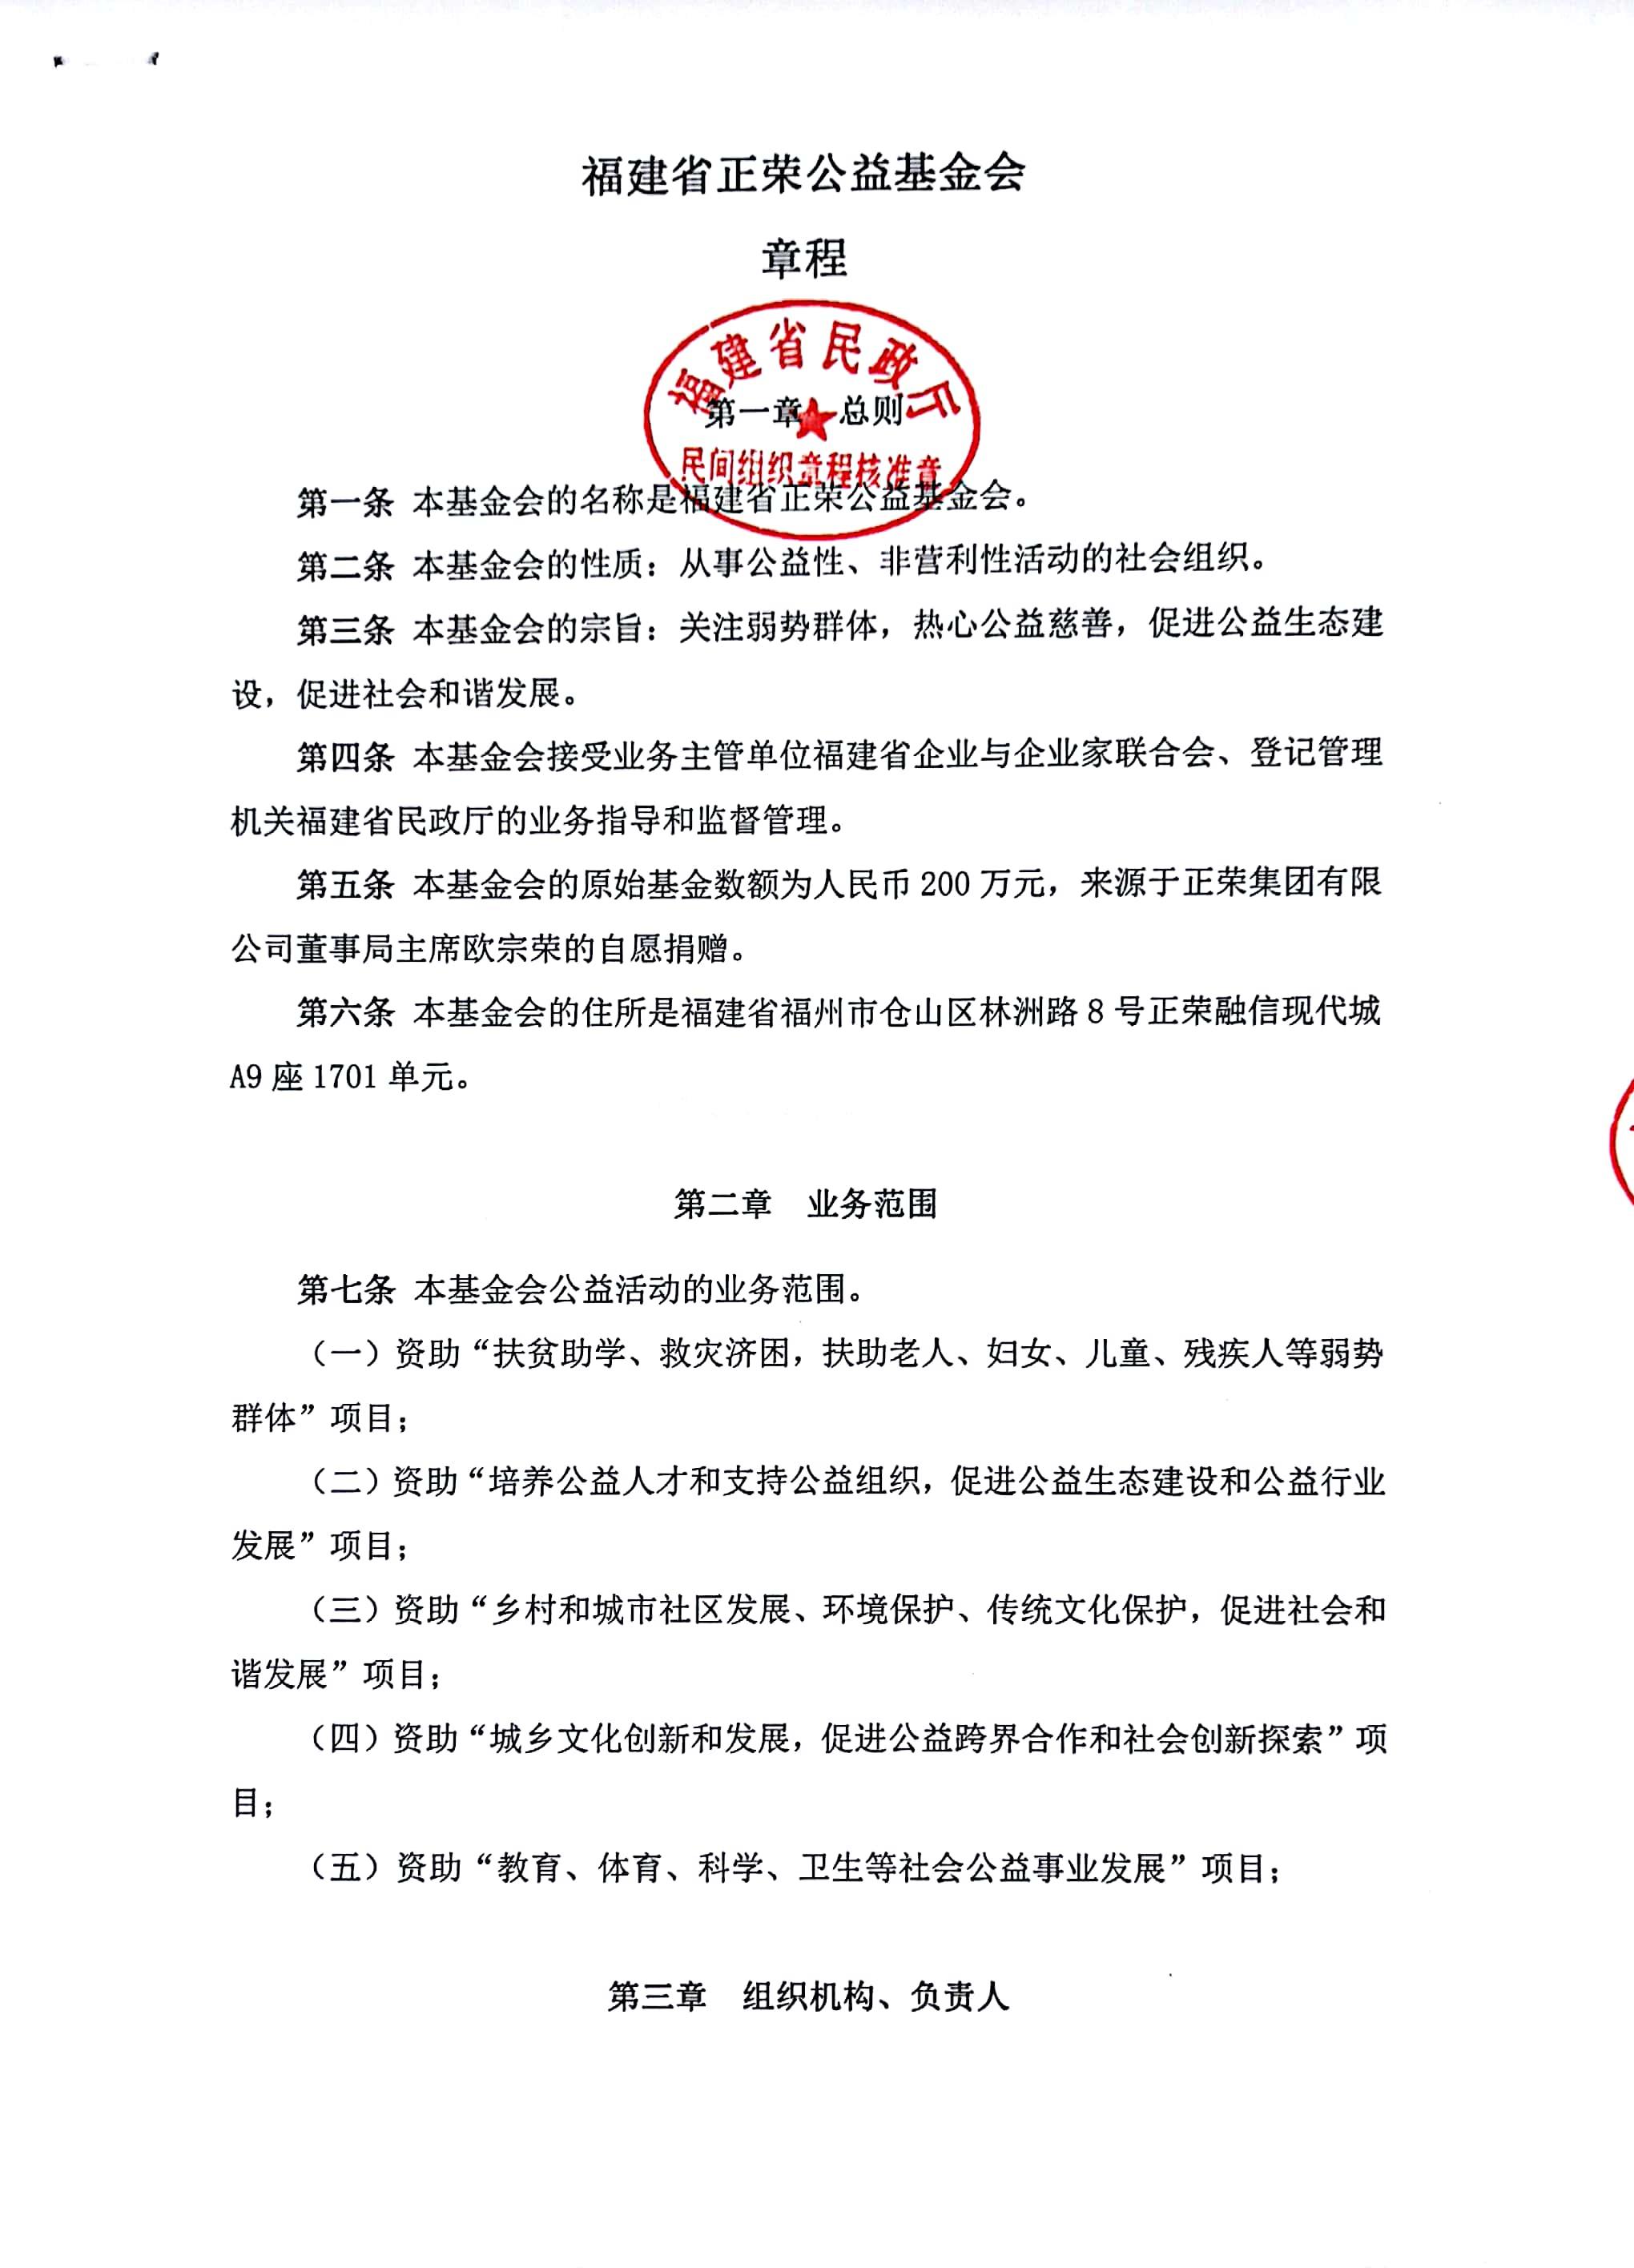 前理事长谈全国社保基金_刘德华慈善基金_慈善基金理事会章程